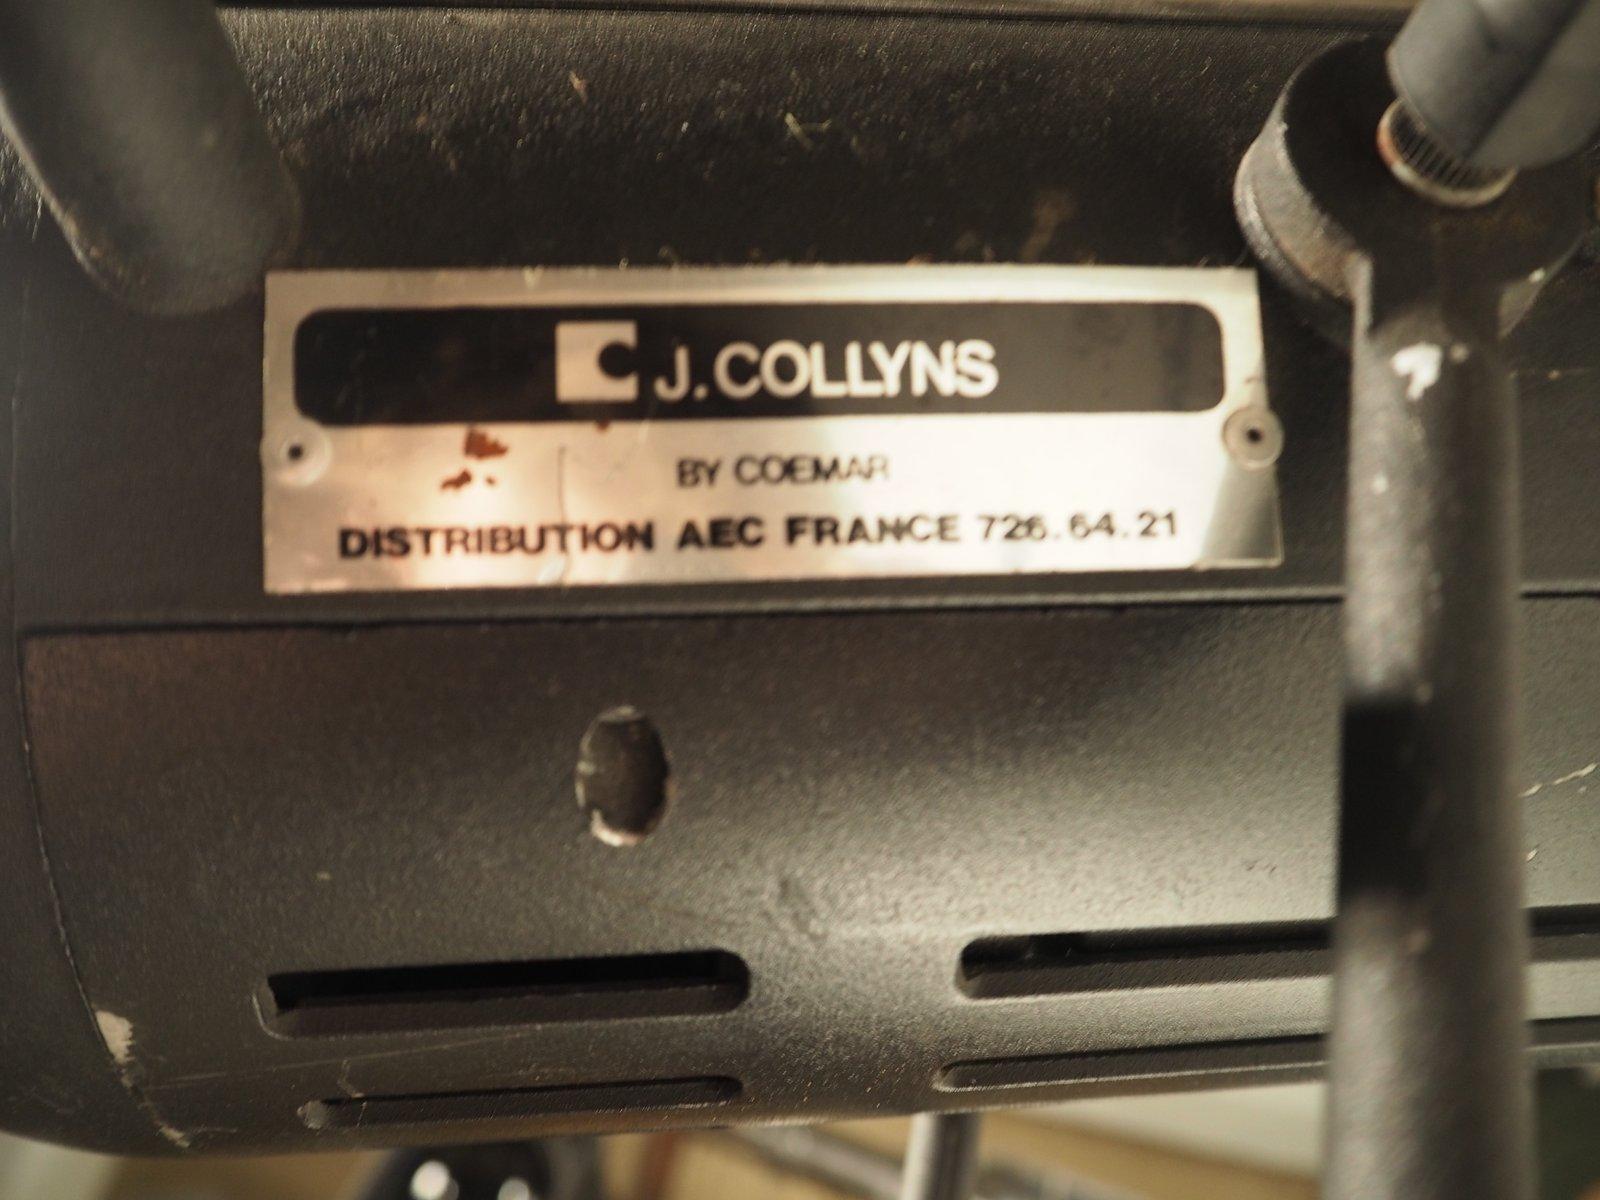 Lampadaire Projecteur J Collyns De Coemar France 1960s En Vente Sur Pamono